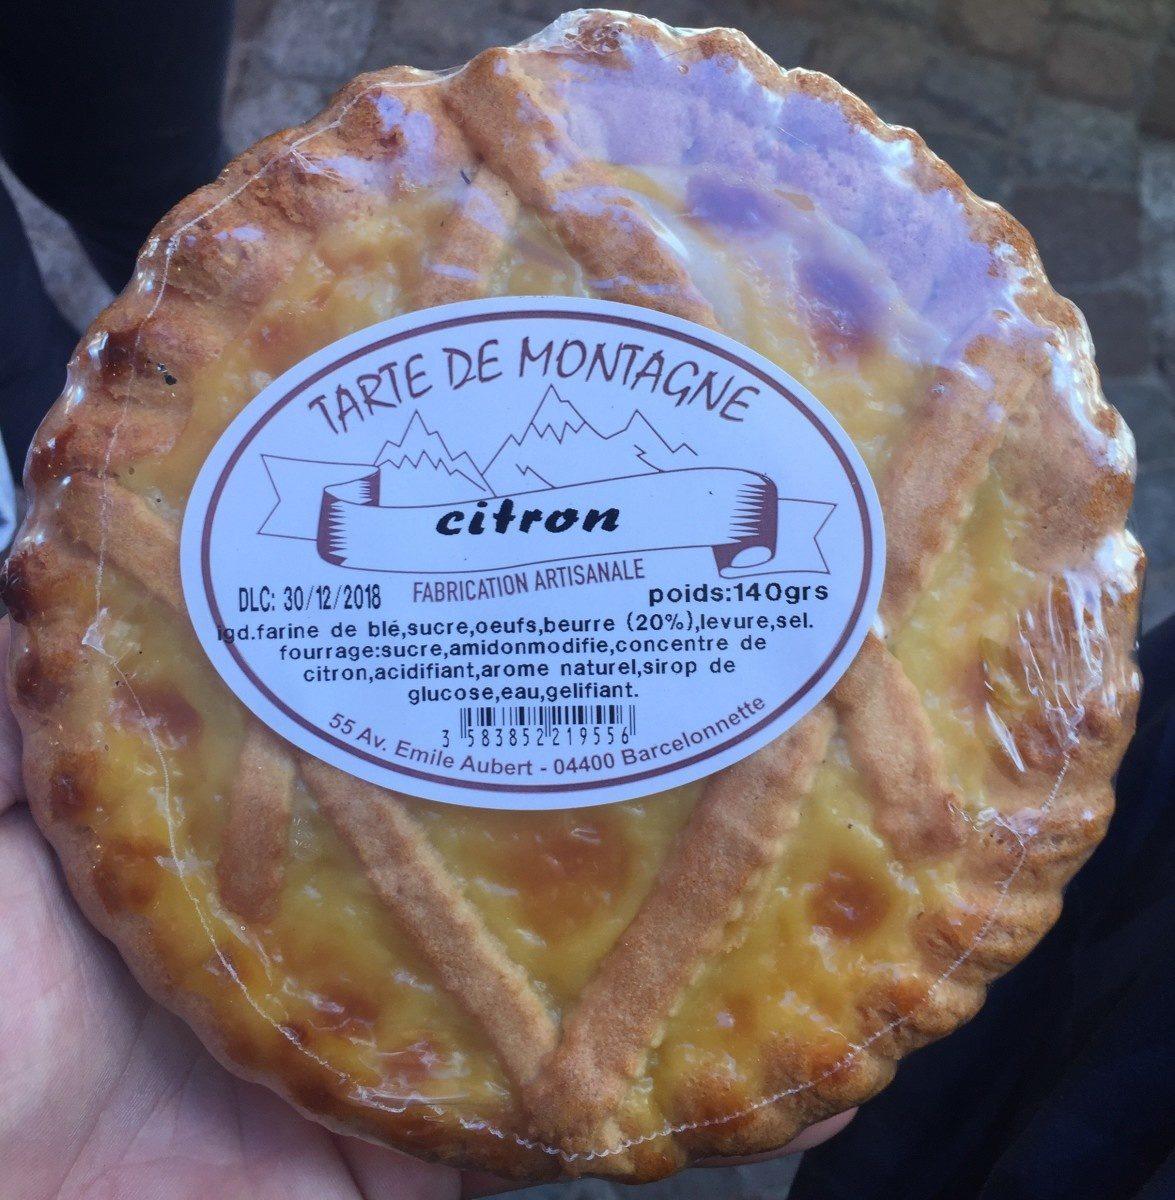 Tarte de Montagne Citron - Product - fr